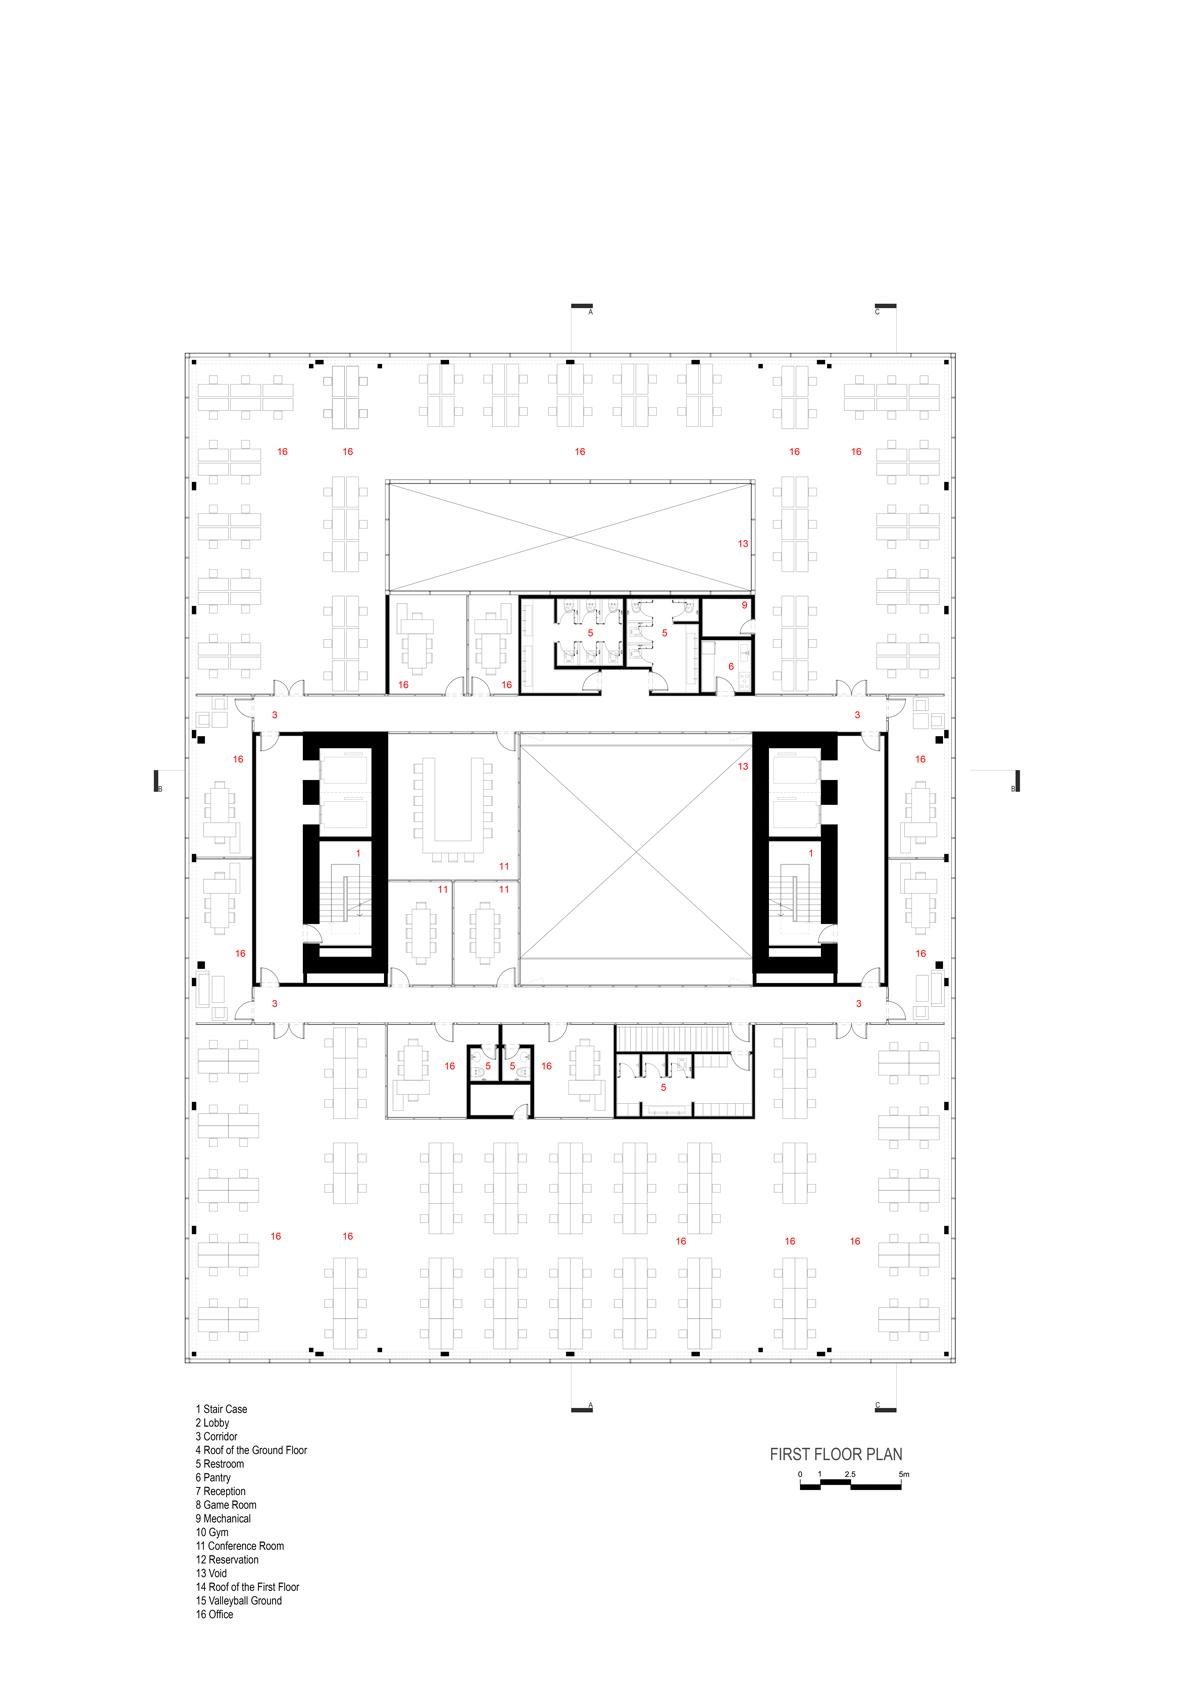 25- Asan Pardakht Headquarters Building